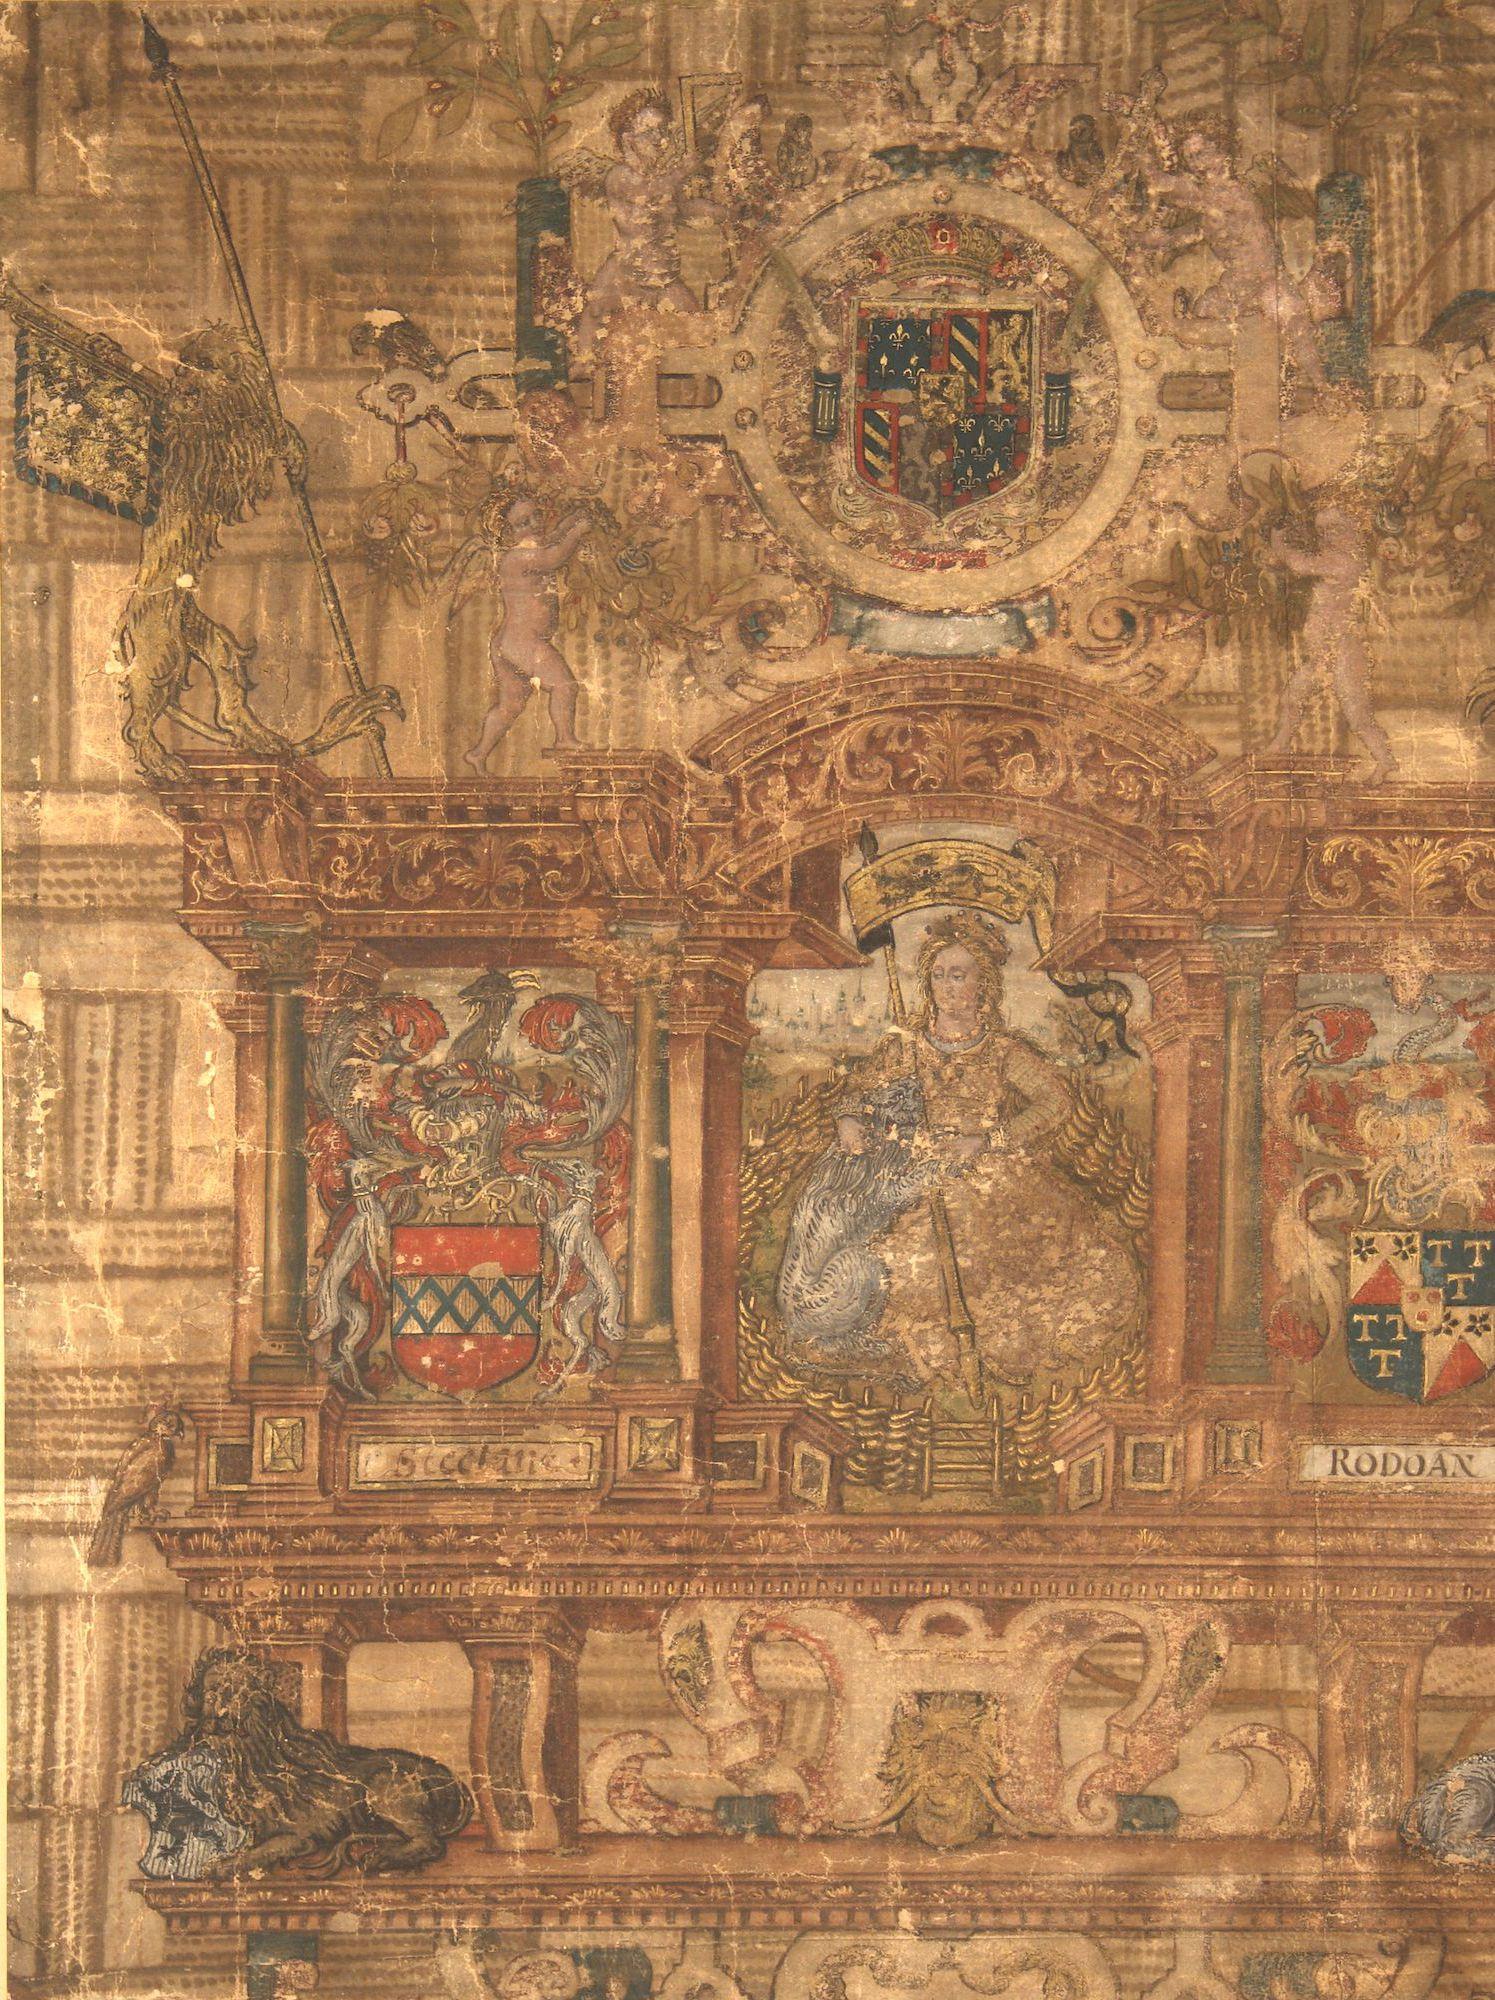 Sint-Denijs-Westrem-Zuid, Zwijnaarde-West en Sint-Martens-Latem-Noord, bedekt door cartouches, wapens en tekeningen: kaartdeel 13 (I) van de Kaart van Gent en het Vrije van Gent afgebakend door de Rietgracht, Jacques Horenbault, 1619